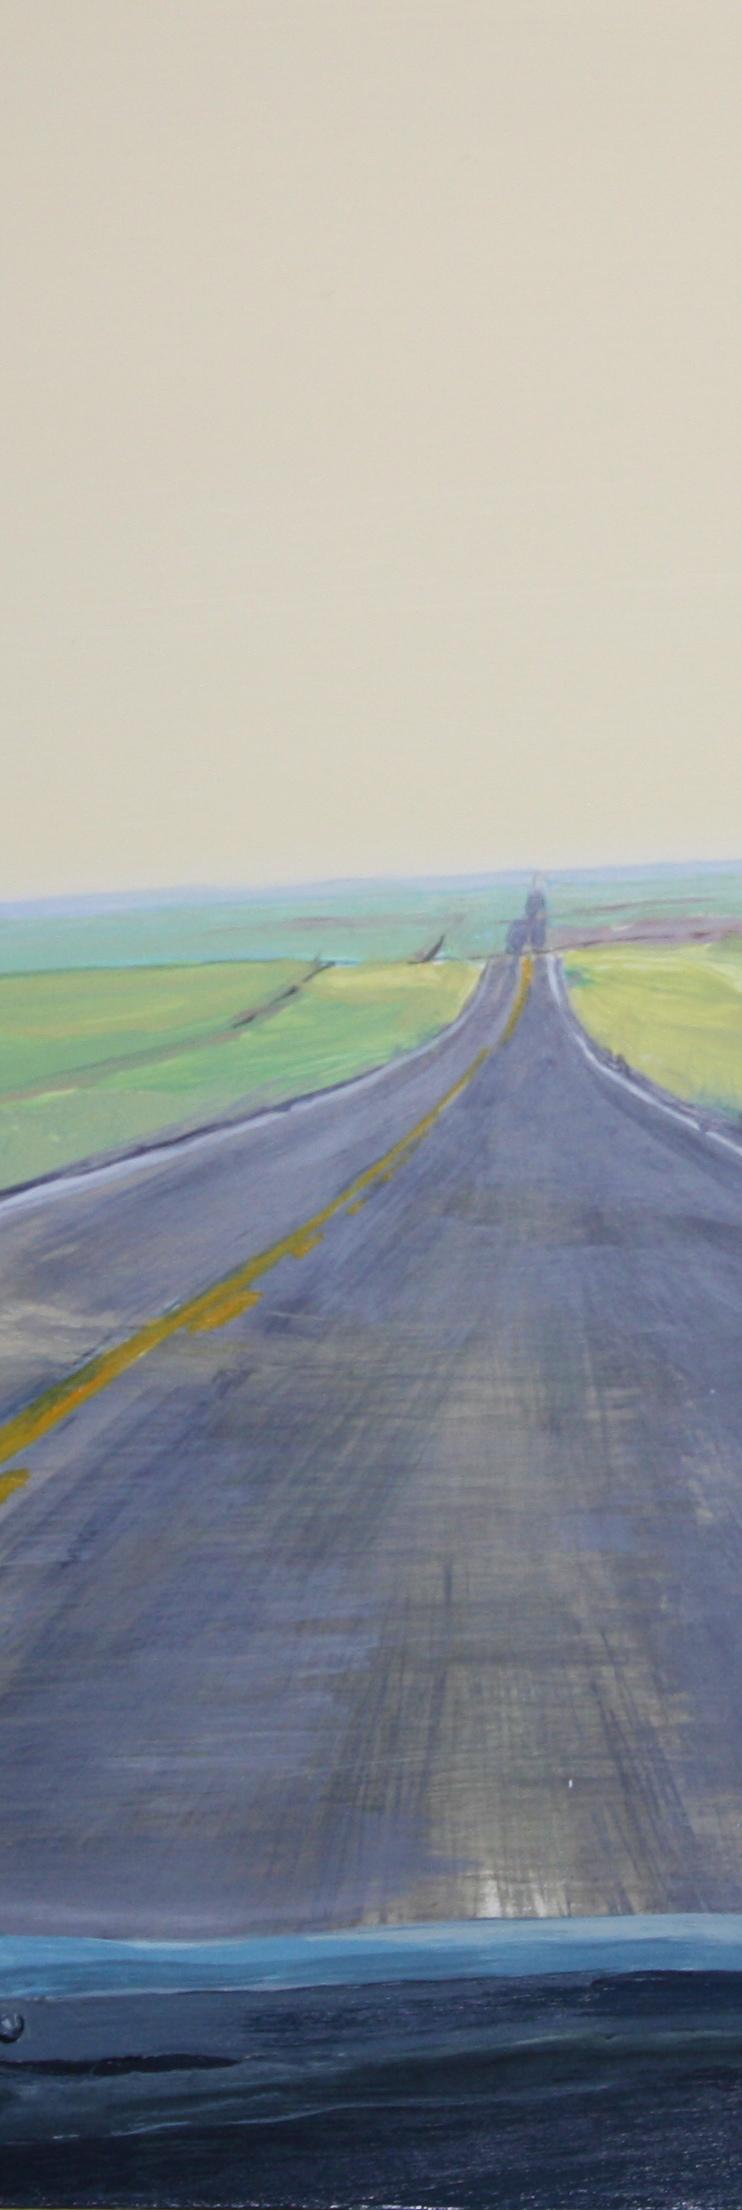 12 Roads: Paintings by Louie Va #3